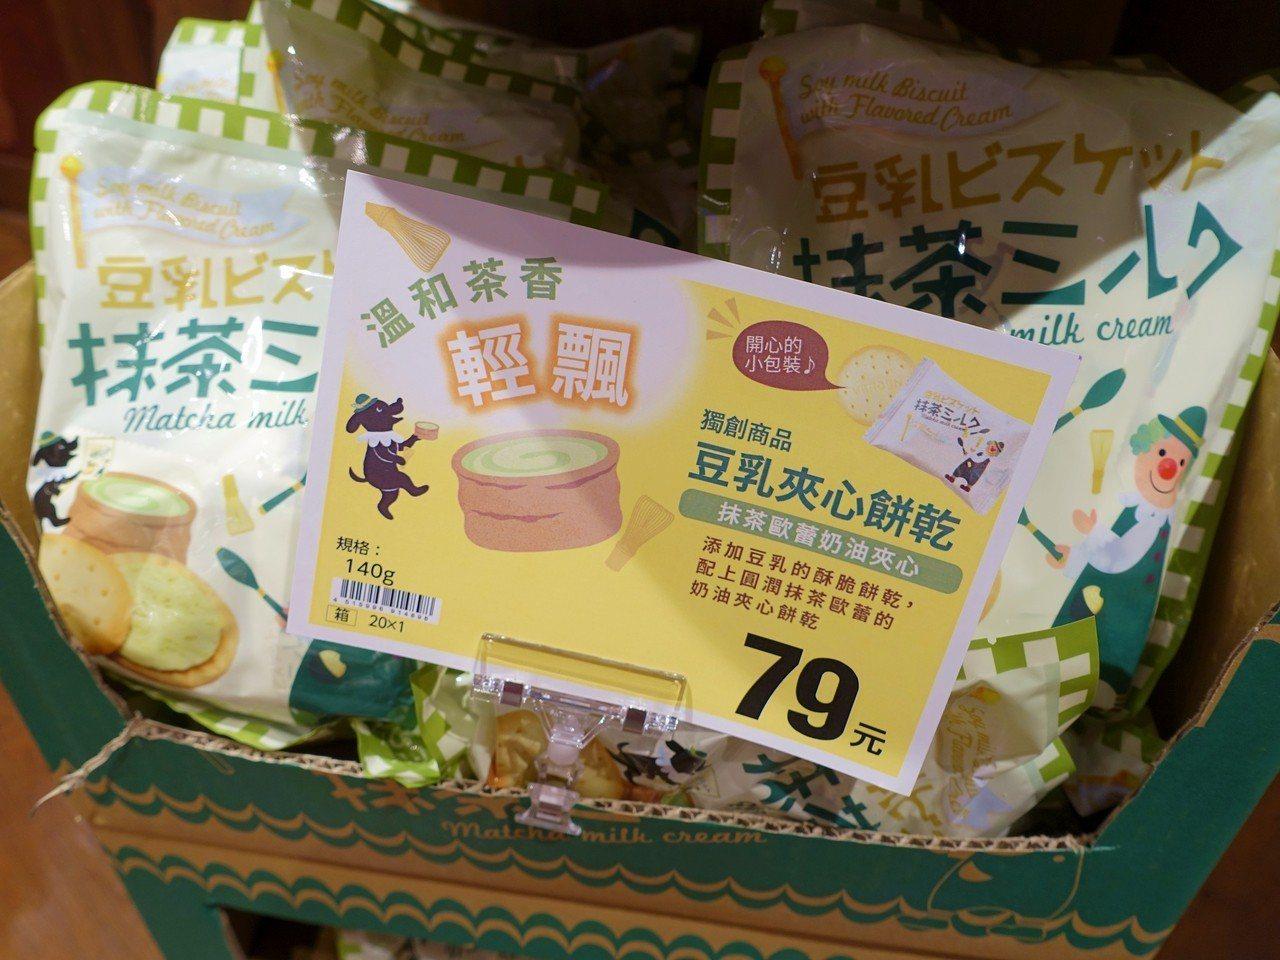 豆乳夾心餅乾,售價79元。記者張芳瑜/攝影